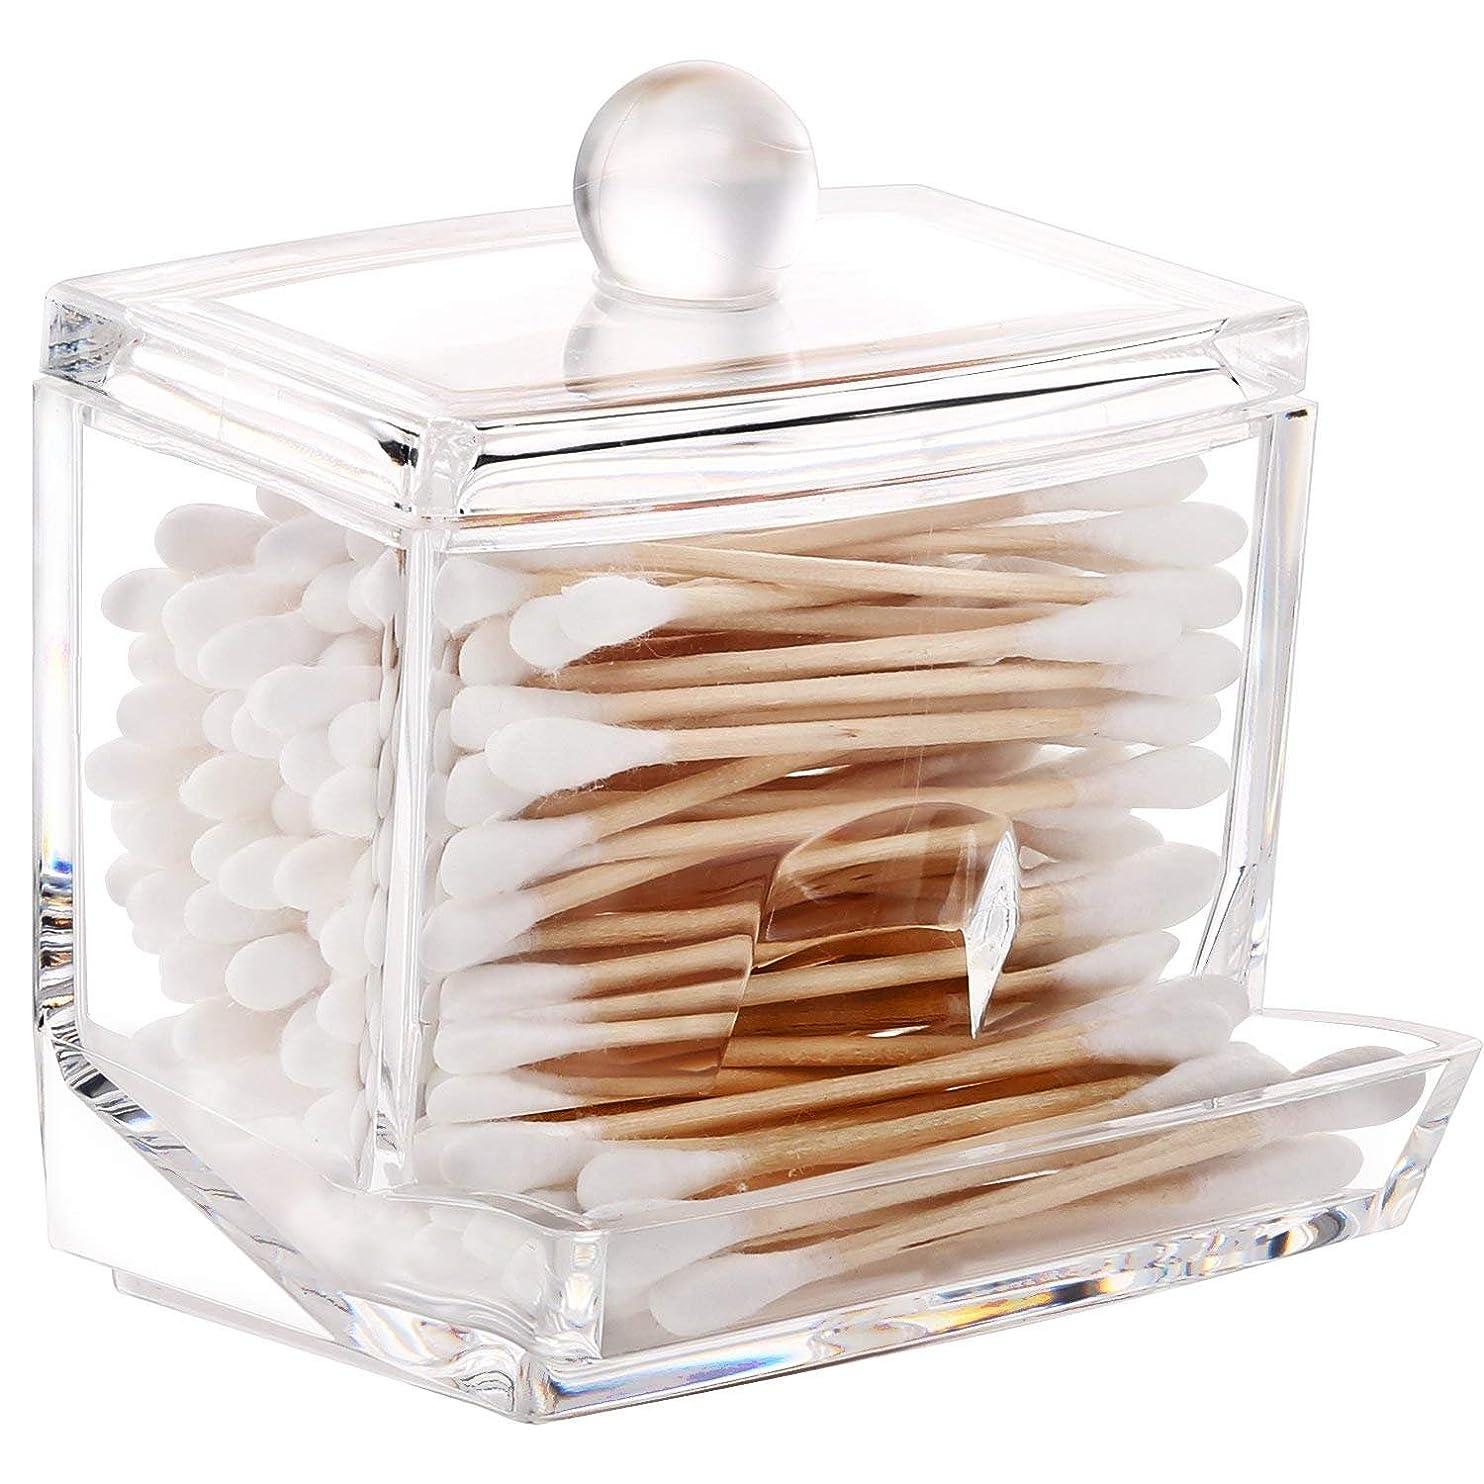 敬礼システムなんとなくFlou@ 棉棒ボックス 透明 蓋付き 防塵 コスメケース 小物収納 コットンケース 綿棒ケース アクリル製